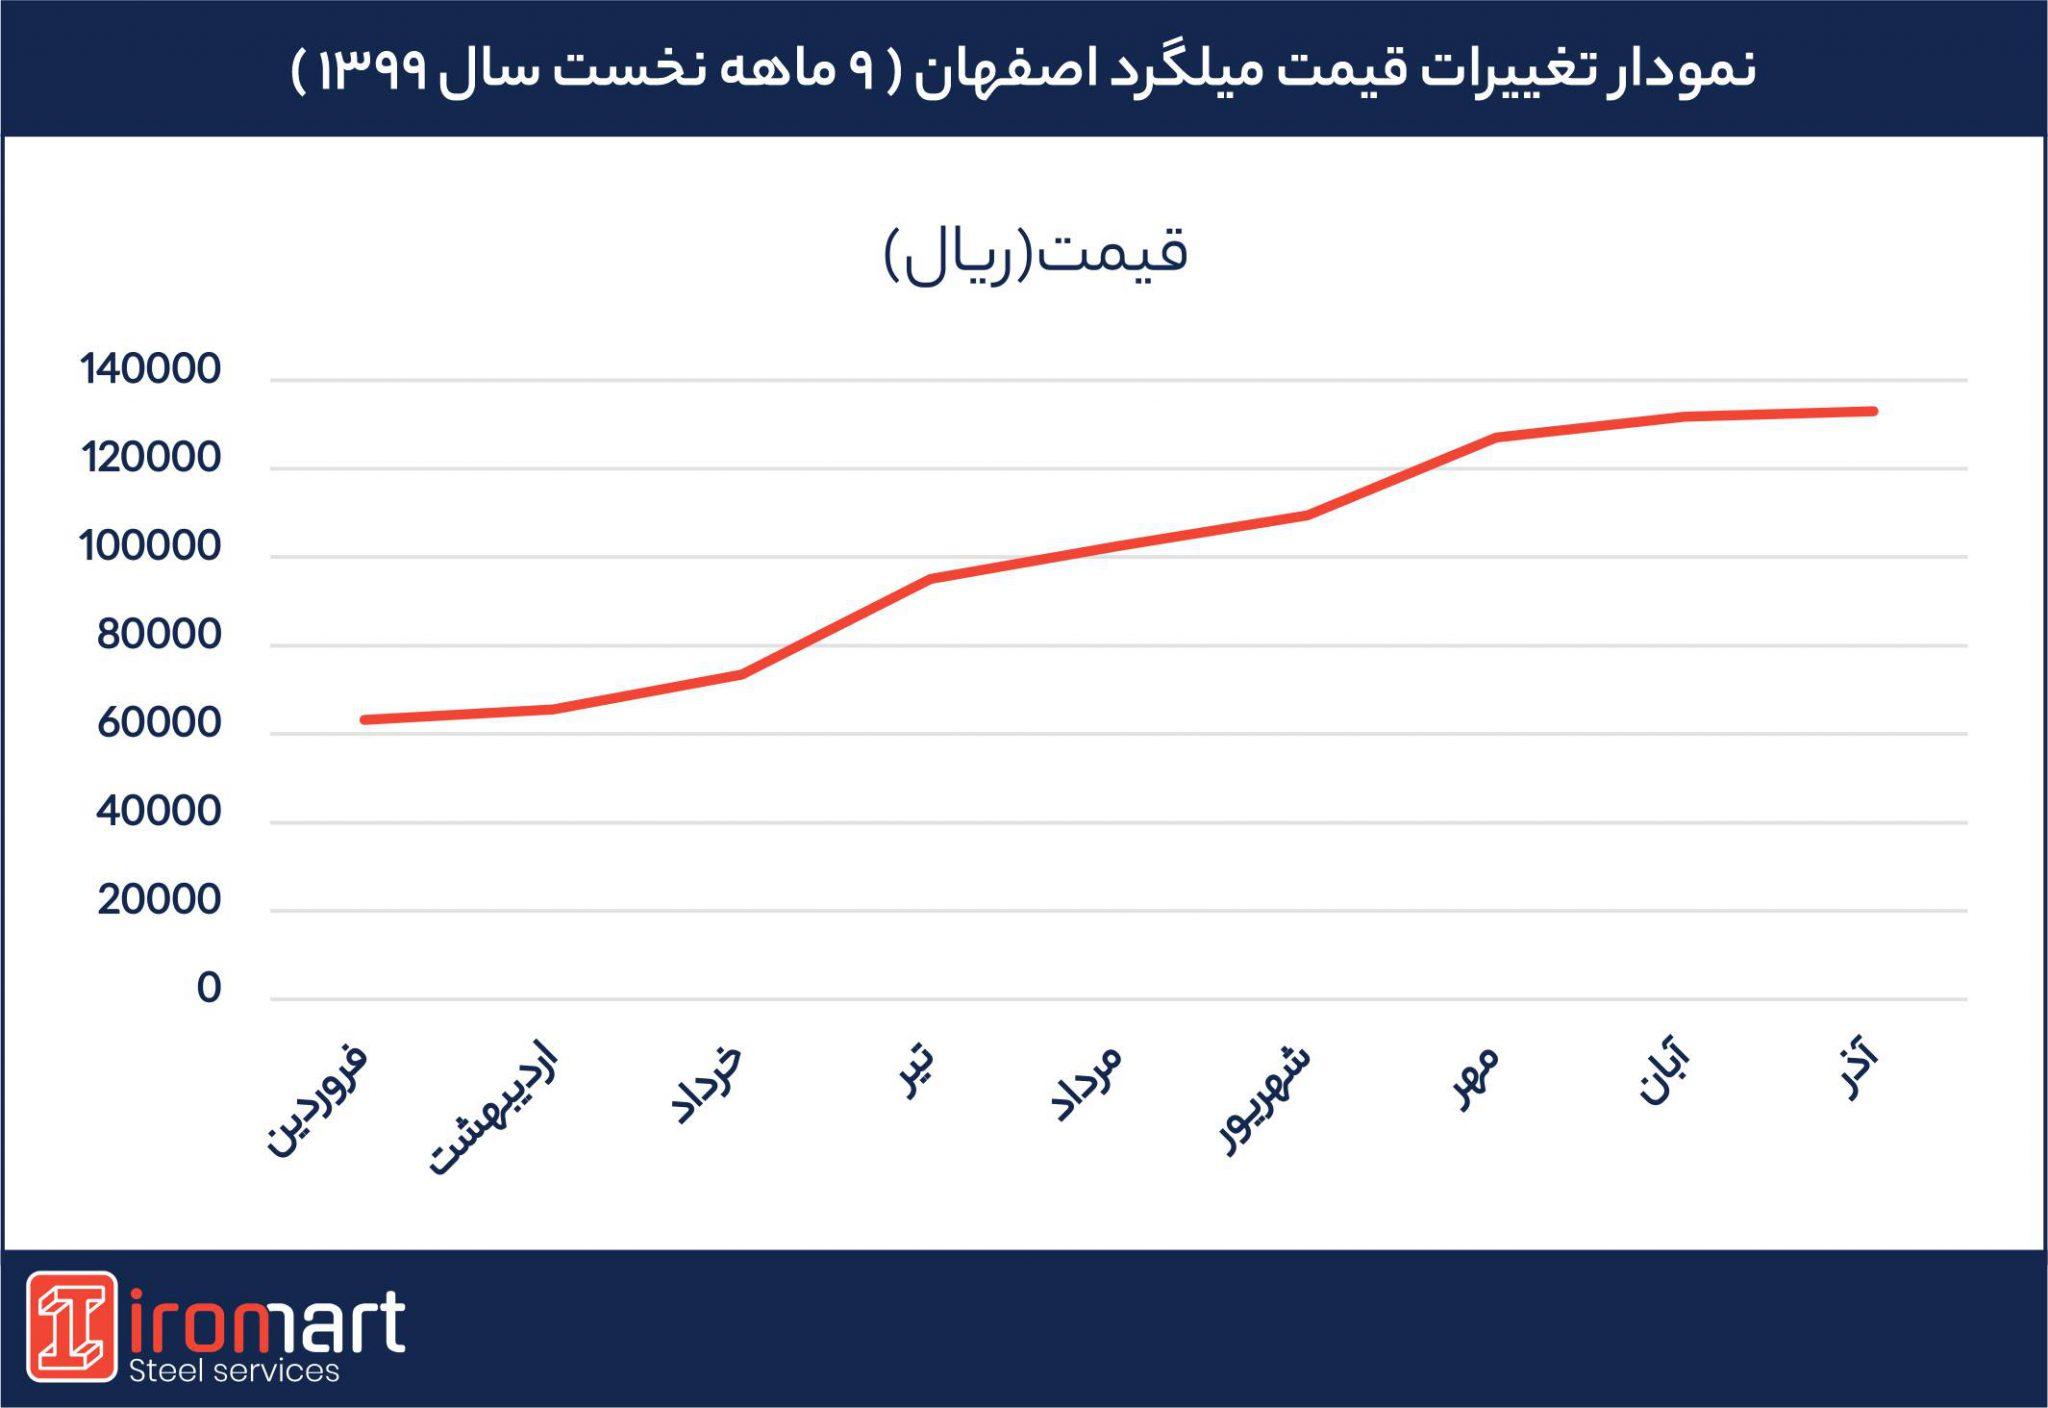 تغییرات قیمت میلگرد اصفهان در 9 ماهه نخست سال 99